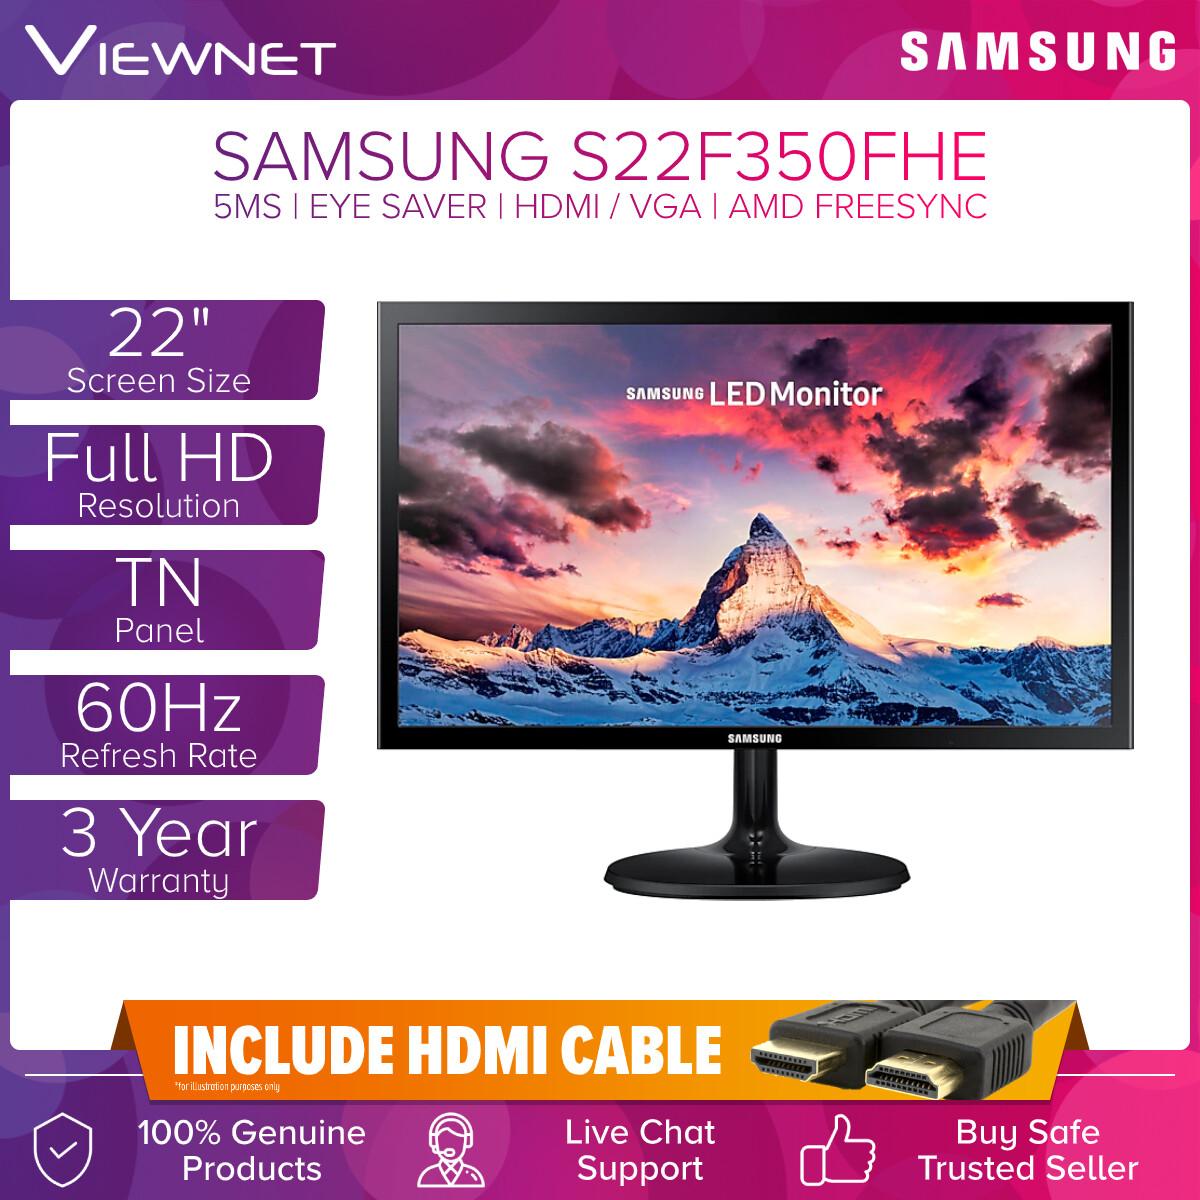 Samsung LED Monitor Full HD S22F350FHE / S24F350FHE / S27F350FHE 22 / 24 / 27 TN 60Hz 5ms SF350 (LS22F350FHEXXM / LS24F350FHEXXM / LS27F350FHEXXM) VGA HDMI Port Slim Depth Design VESA Compatible Game Mode Flicker Free